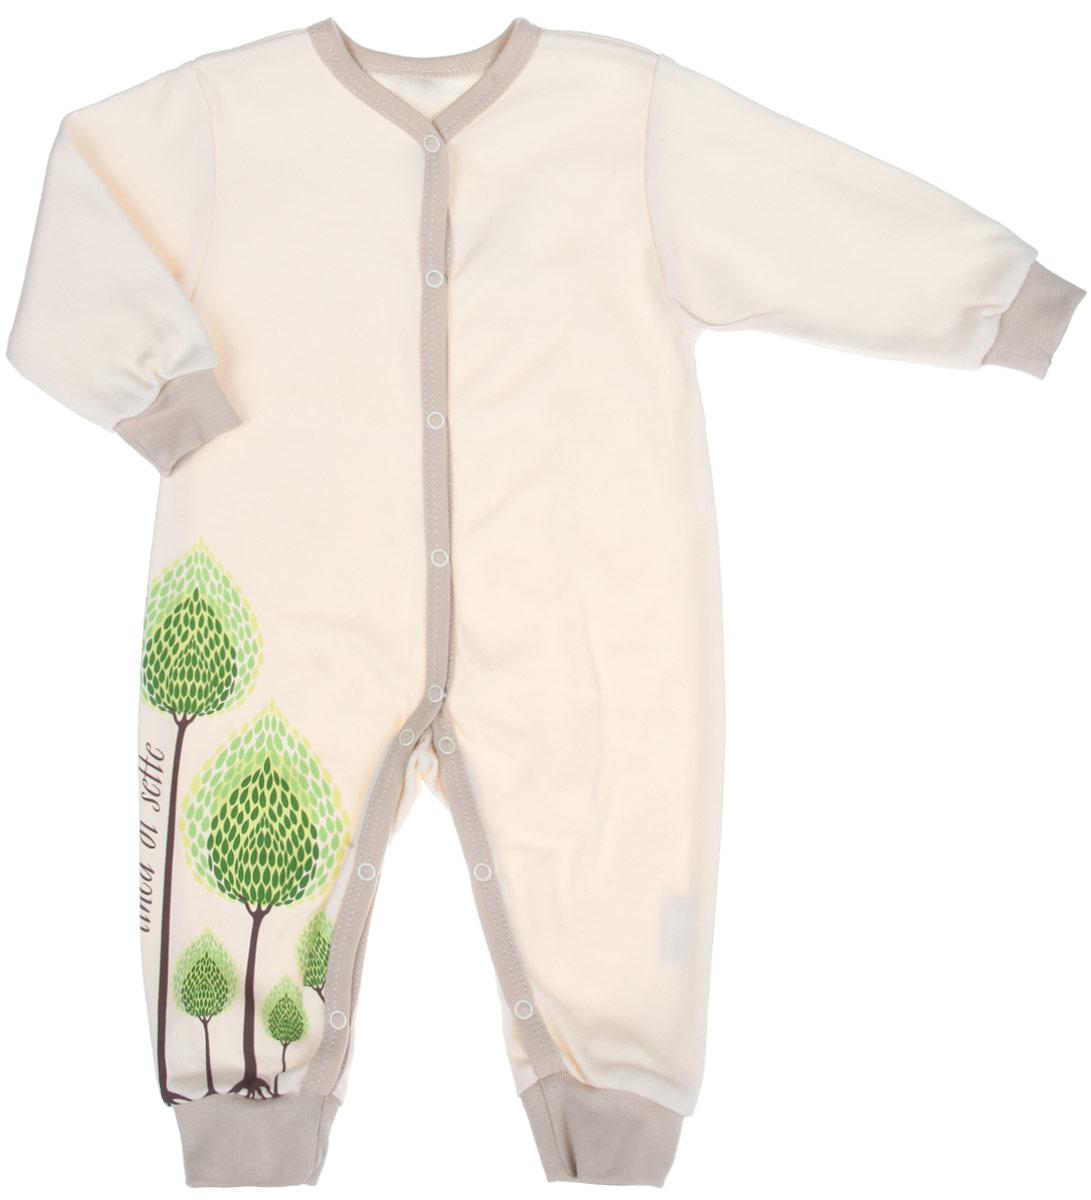 Комбинезон домашний02-0601Детский комбинезон Linea Di Sette Сказочный лес станет идеальным дополнением к гардеробу вашего ребенка. Изделие изготовлено из высококачественного органического полотна в соответствии с принятыми стандартами. Органический хлопок - это безвредная альтернатива традиционному хлопку, ткани из него не вредят нежной коже малыша, а также их производство безопасно для окружающей среды. Органический хлопок очень мягкий, отлично пропускает воздух, обеспечивая максимальный комфорт. Комбинезон с V-образным вырезом горловины, длинными рукавами и открытыми ножками имеет застежки- кнопки от горловины до щиколоток, которые помогают легко переодеть младенца или сменить подгузник. Рукава и брючины дополнены мягкими широкими манжетами. Модель оформлена принтом с изображением деревьев, выполненным безопасными водными красками. Изделие полностью соответствует особенностям жизни ребенка в ранний период, не стесняя и не ограничивая его в движениях. В таком комбинезоне кроха...